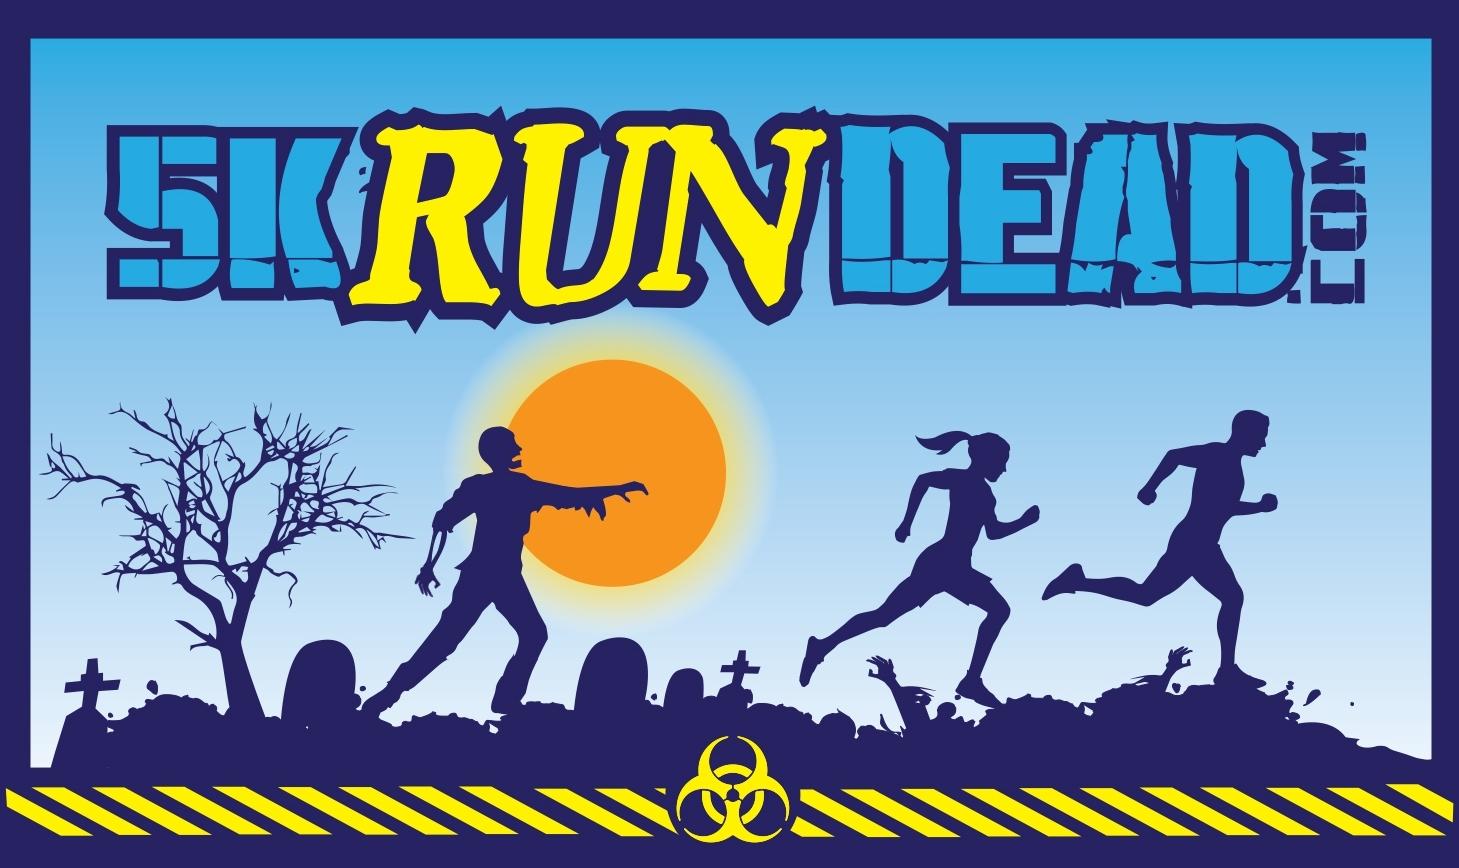 images.raceentry.com/infopages/5krundead-zombie-run-salt-lake-city-ut-infopages-1987.jpg